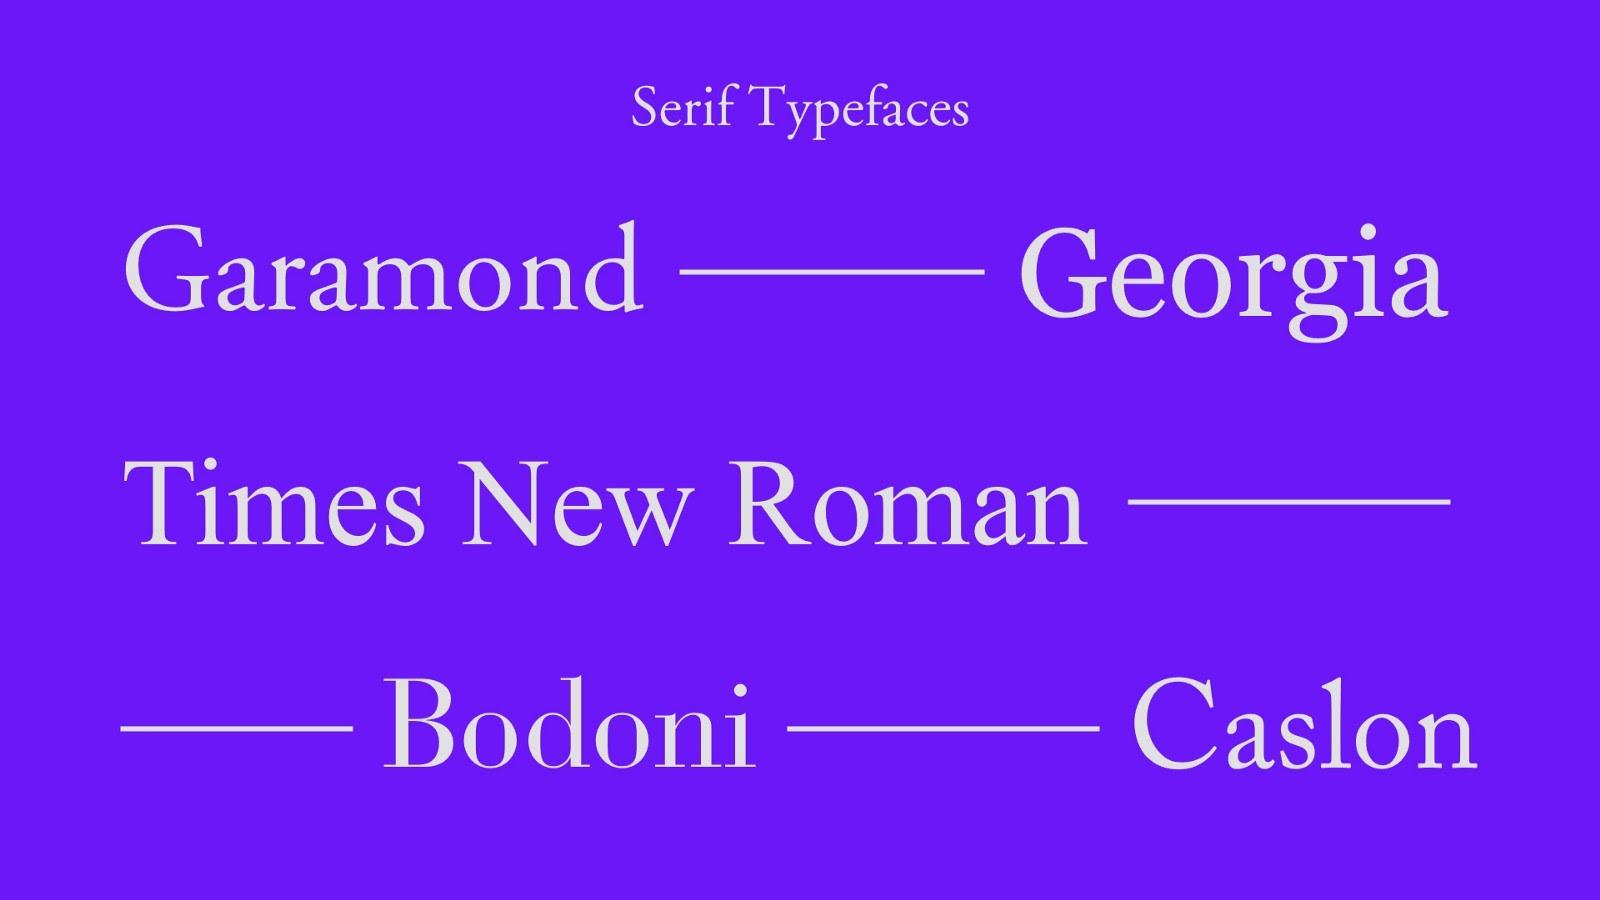 Top 5 serif typefaces